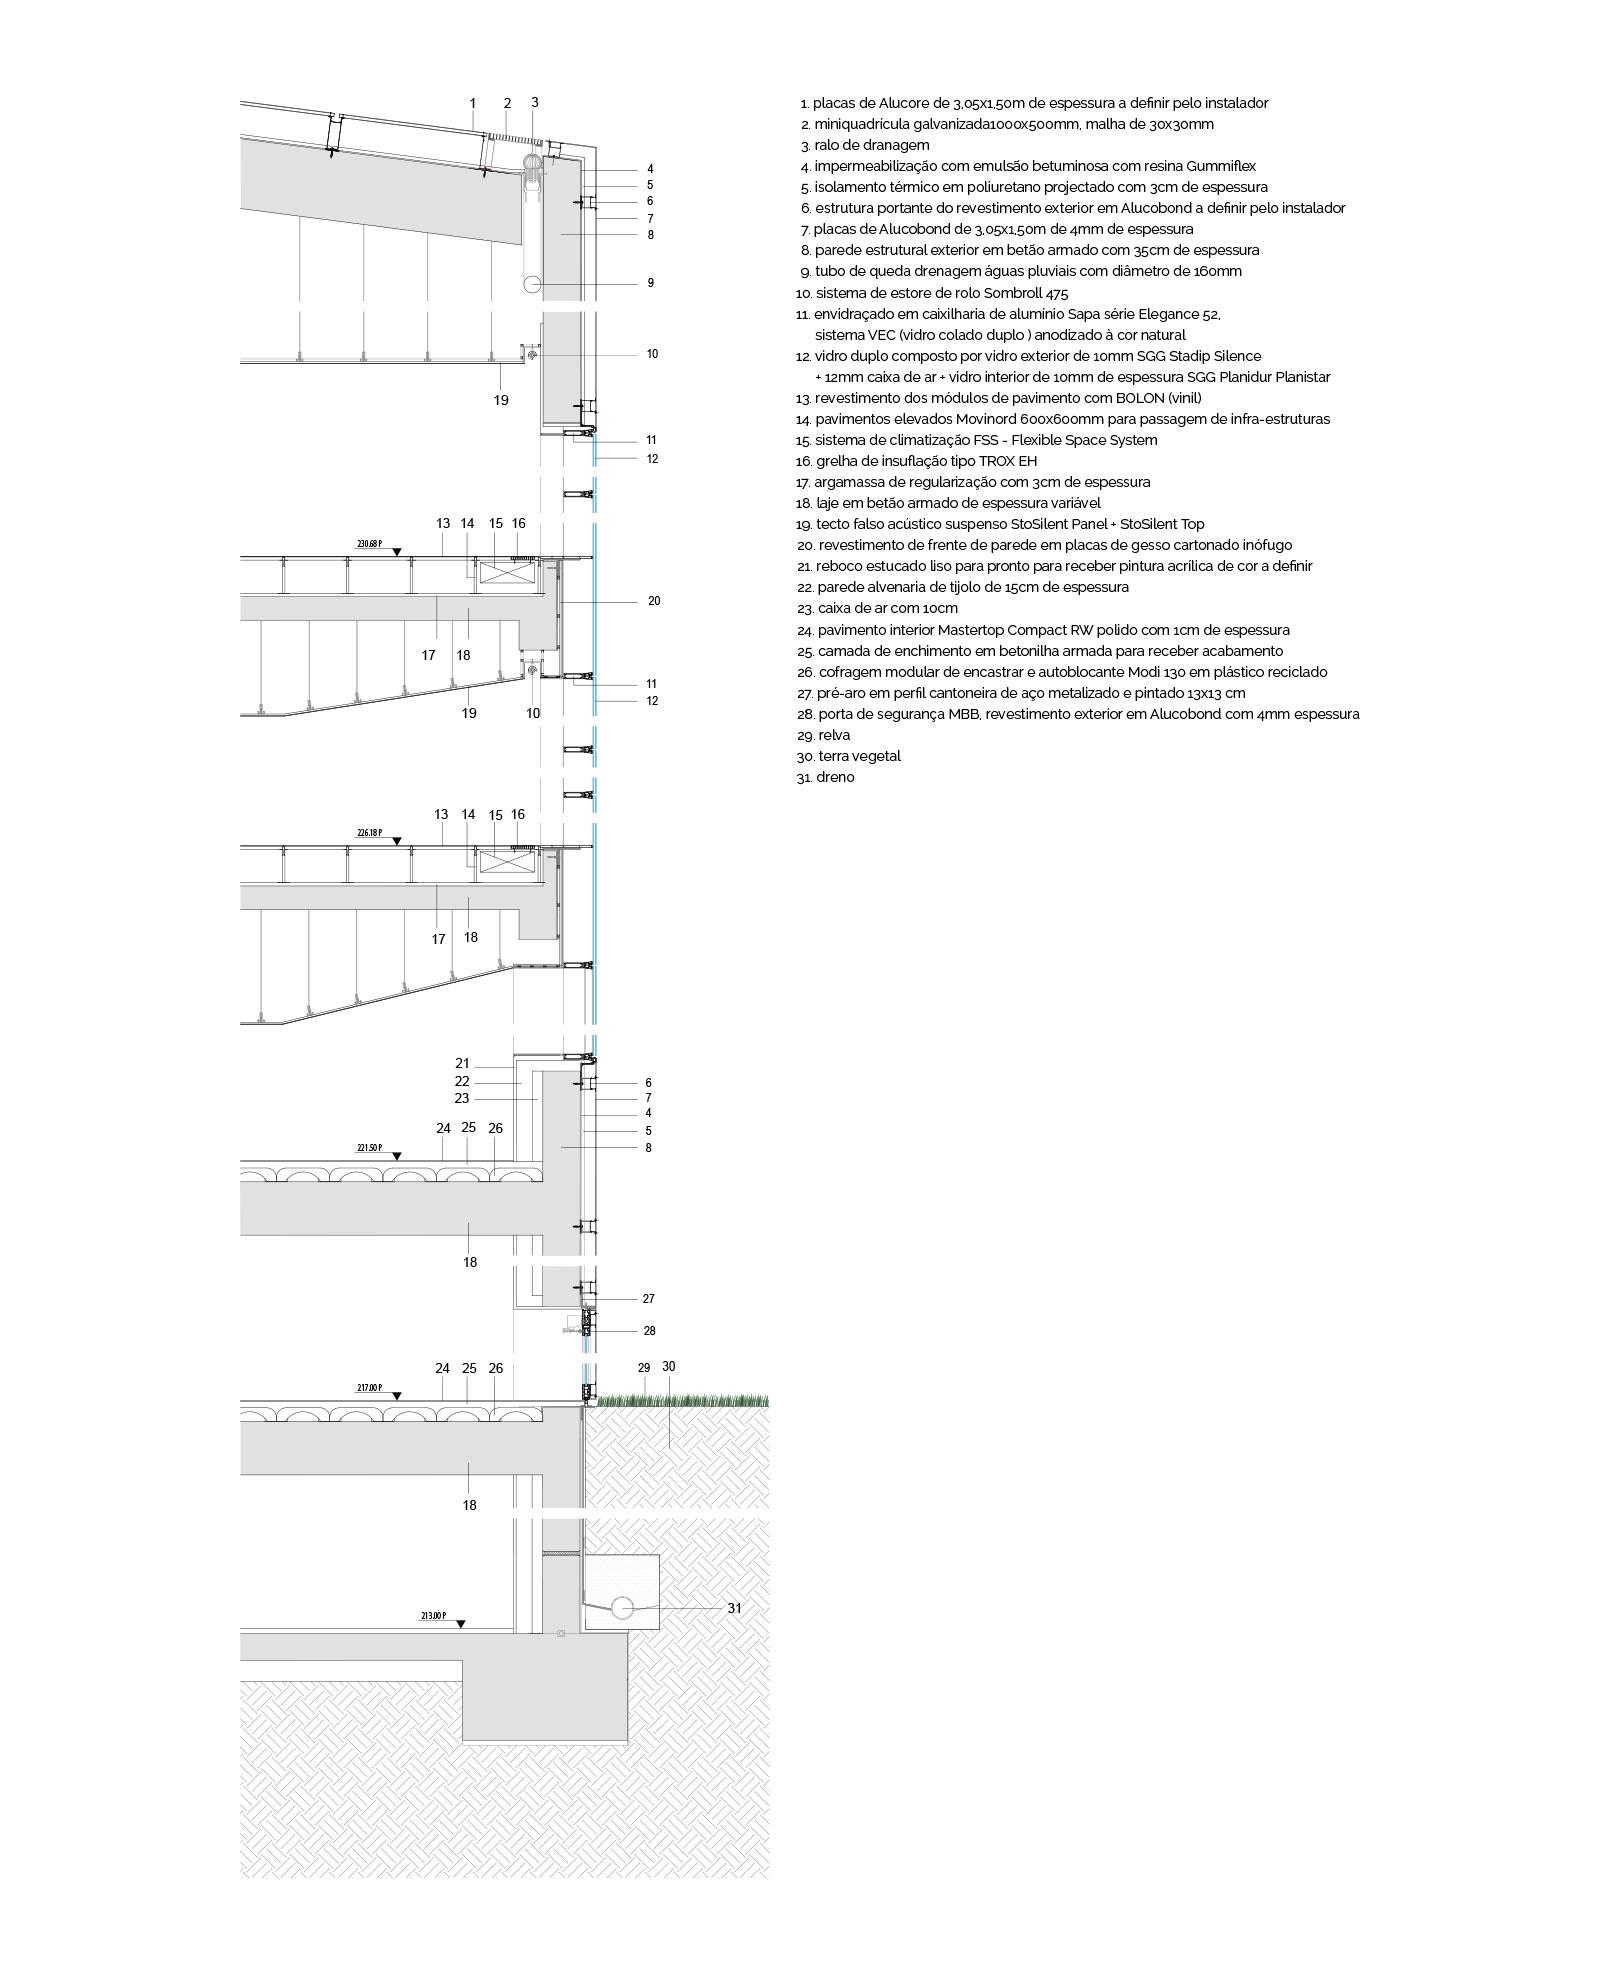 diagrama_mti_09